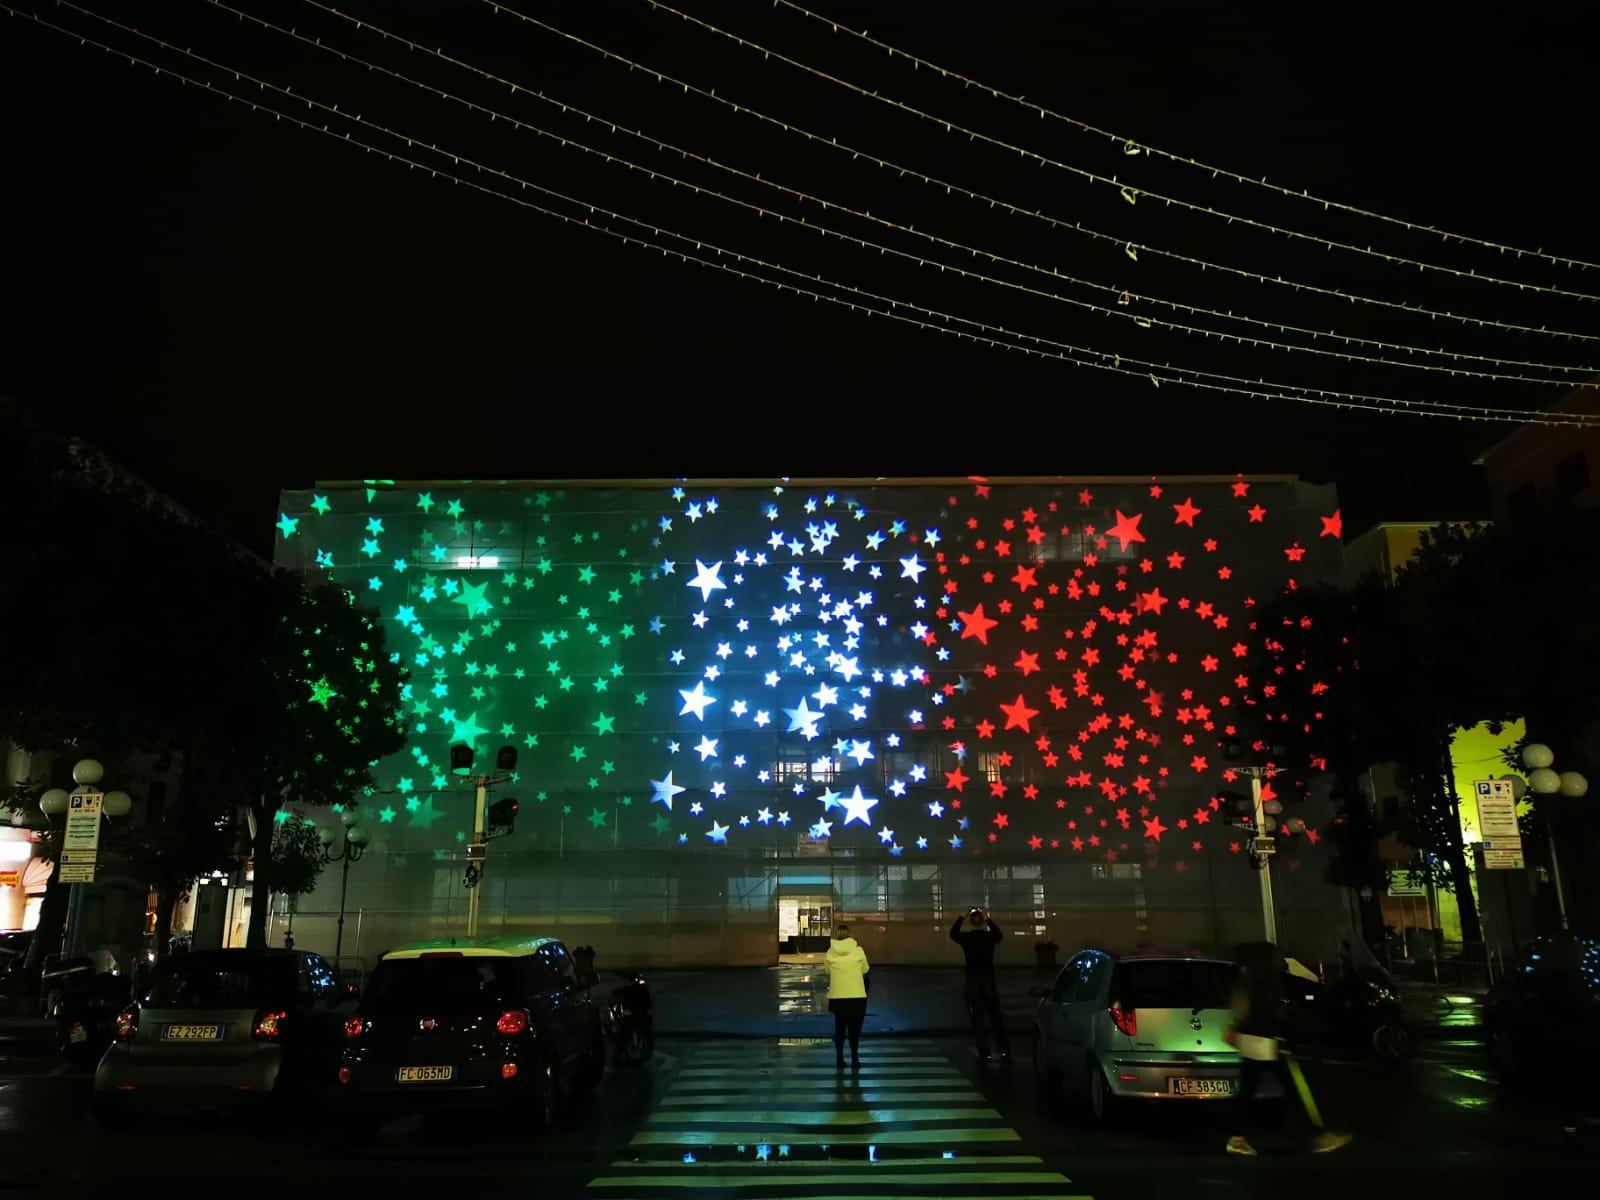 Recco: pioggia di stelle sulla facciata del palazzo comunale